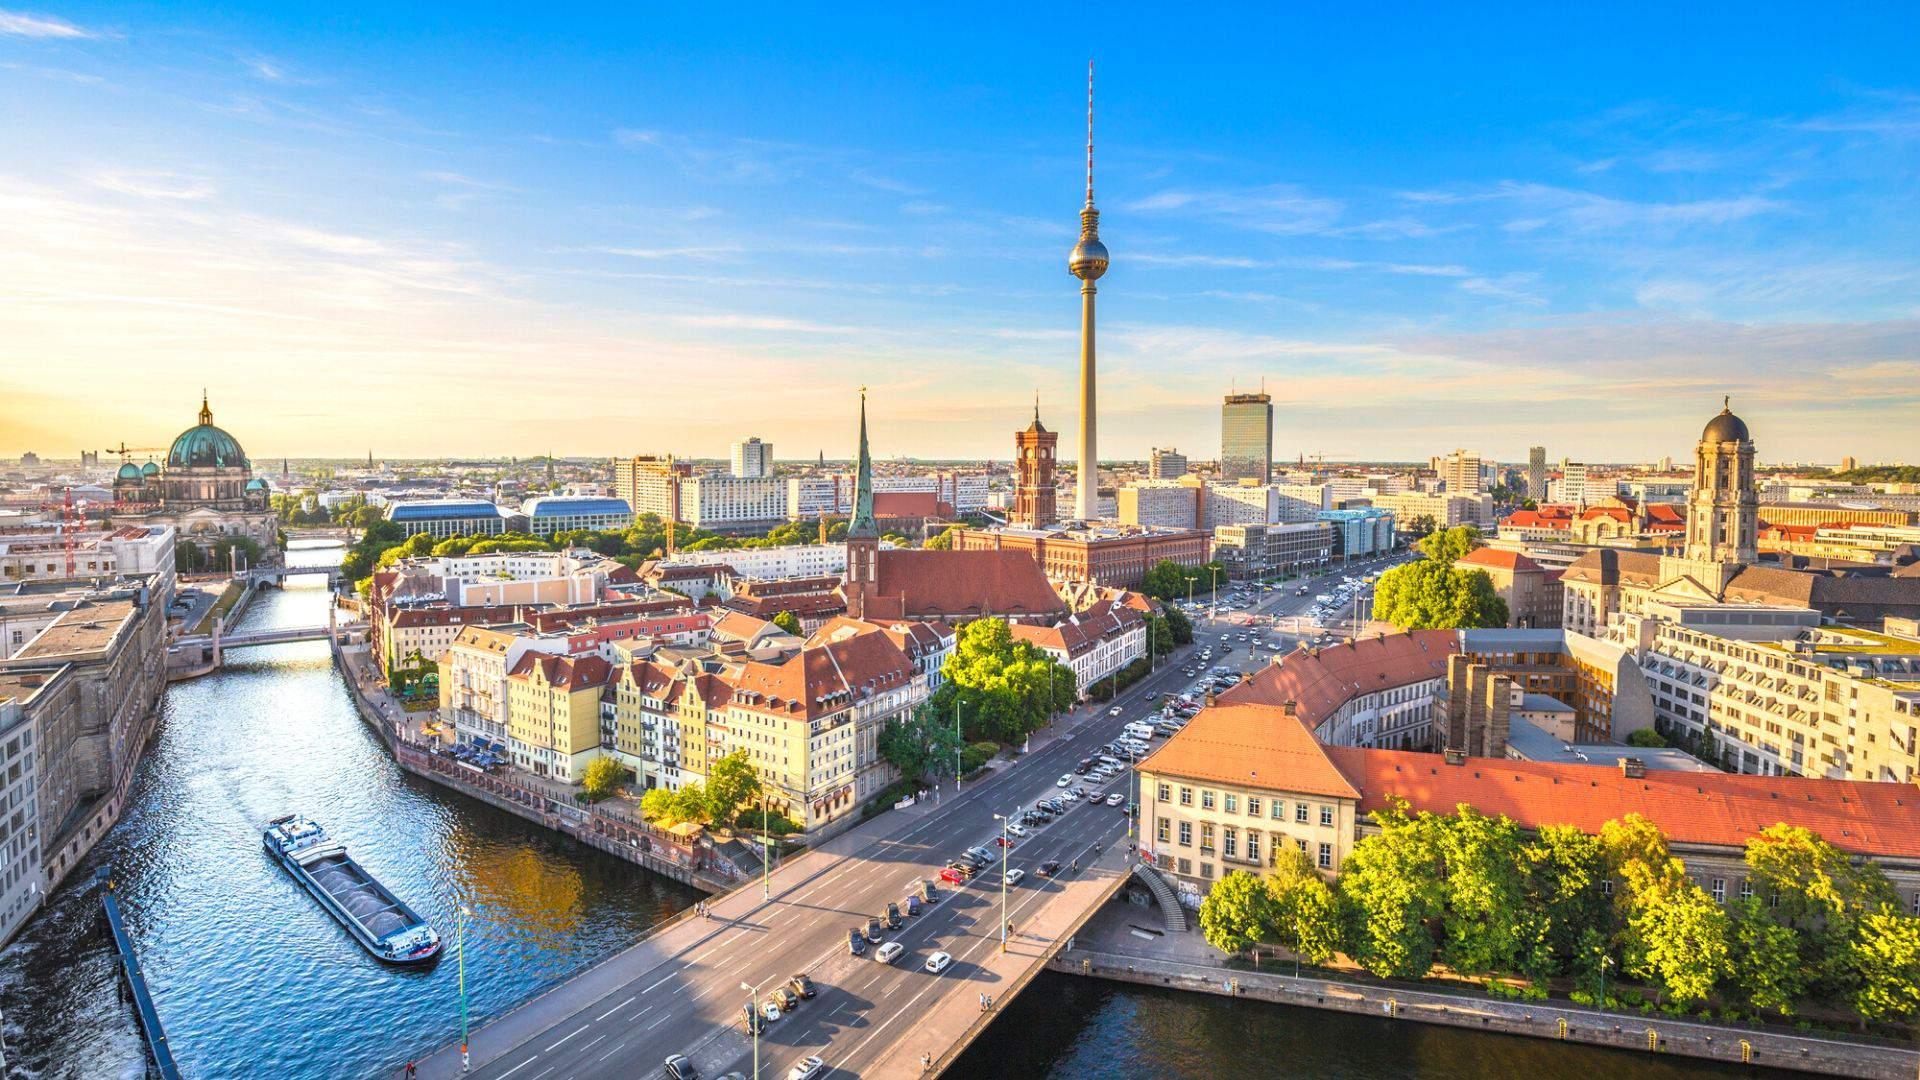 Savaitgalio kelionė į Berlyną – kupina nuostabių įspūdžių